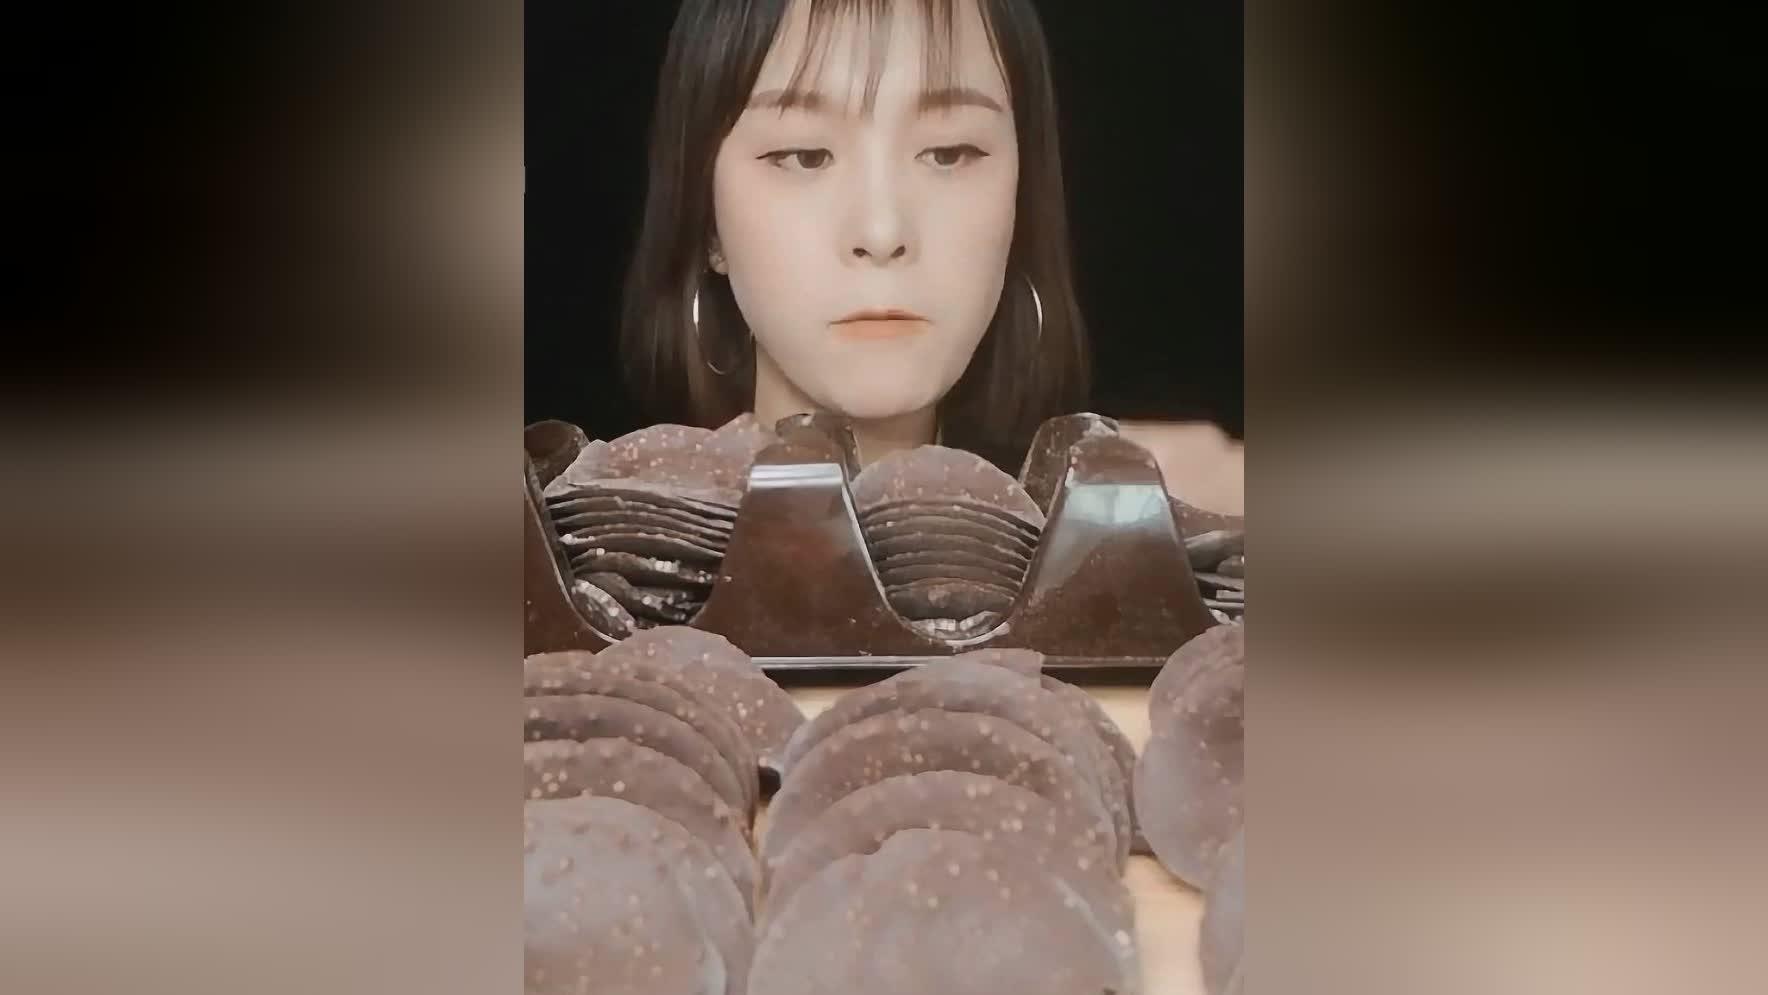 不一样的巧克力薯片,女孩都爱吃的甜品,听这声音脆脆的